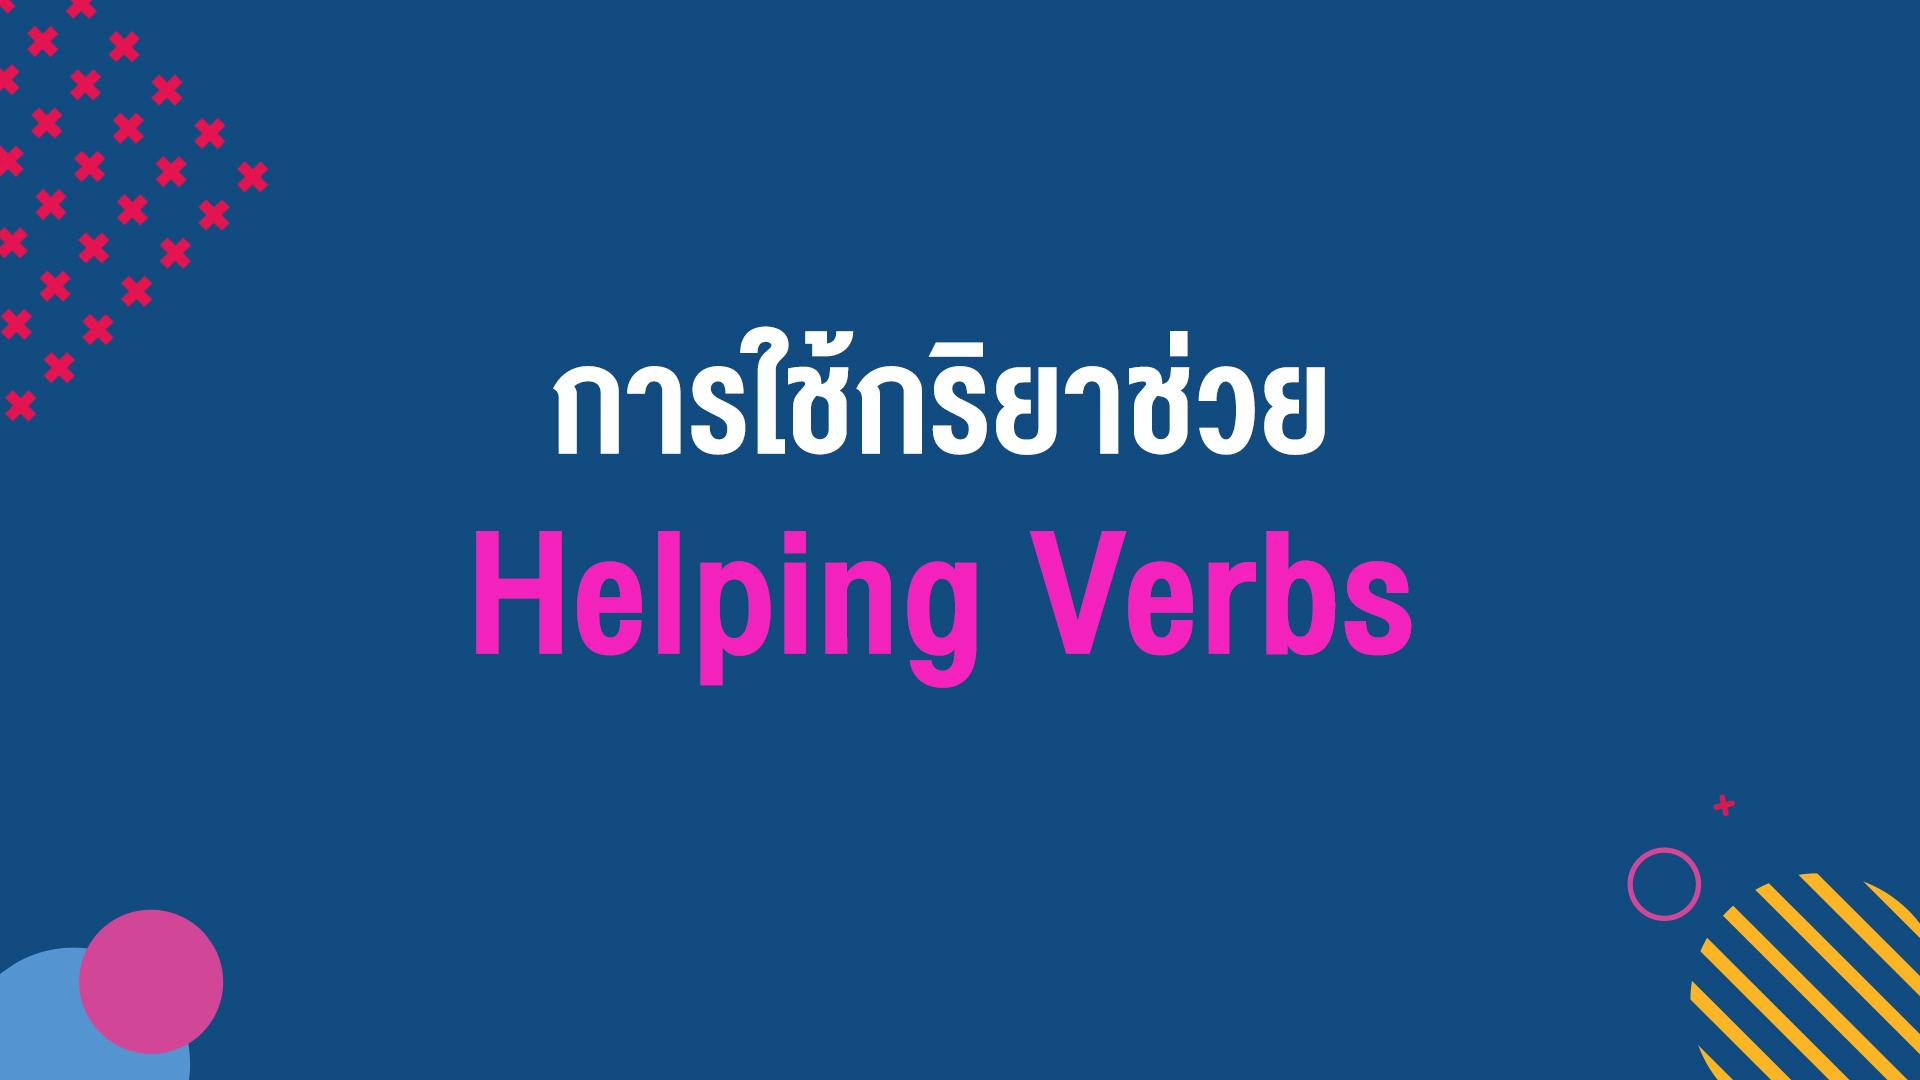 กริยาช่วย (Helping Verbs) กับหน้าที่ทำให้ประโยคมีความหมายสมบูรณ์ขึ้น